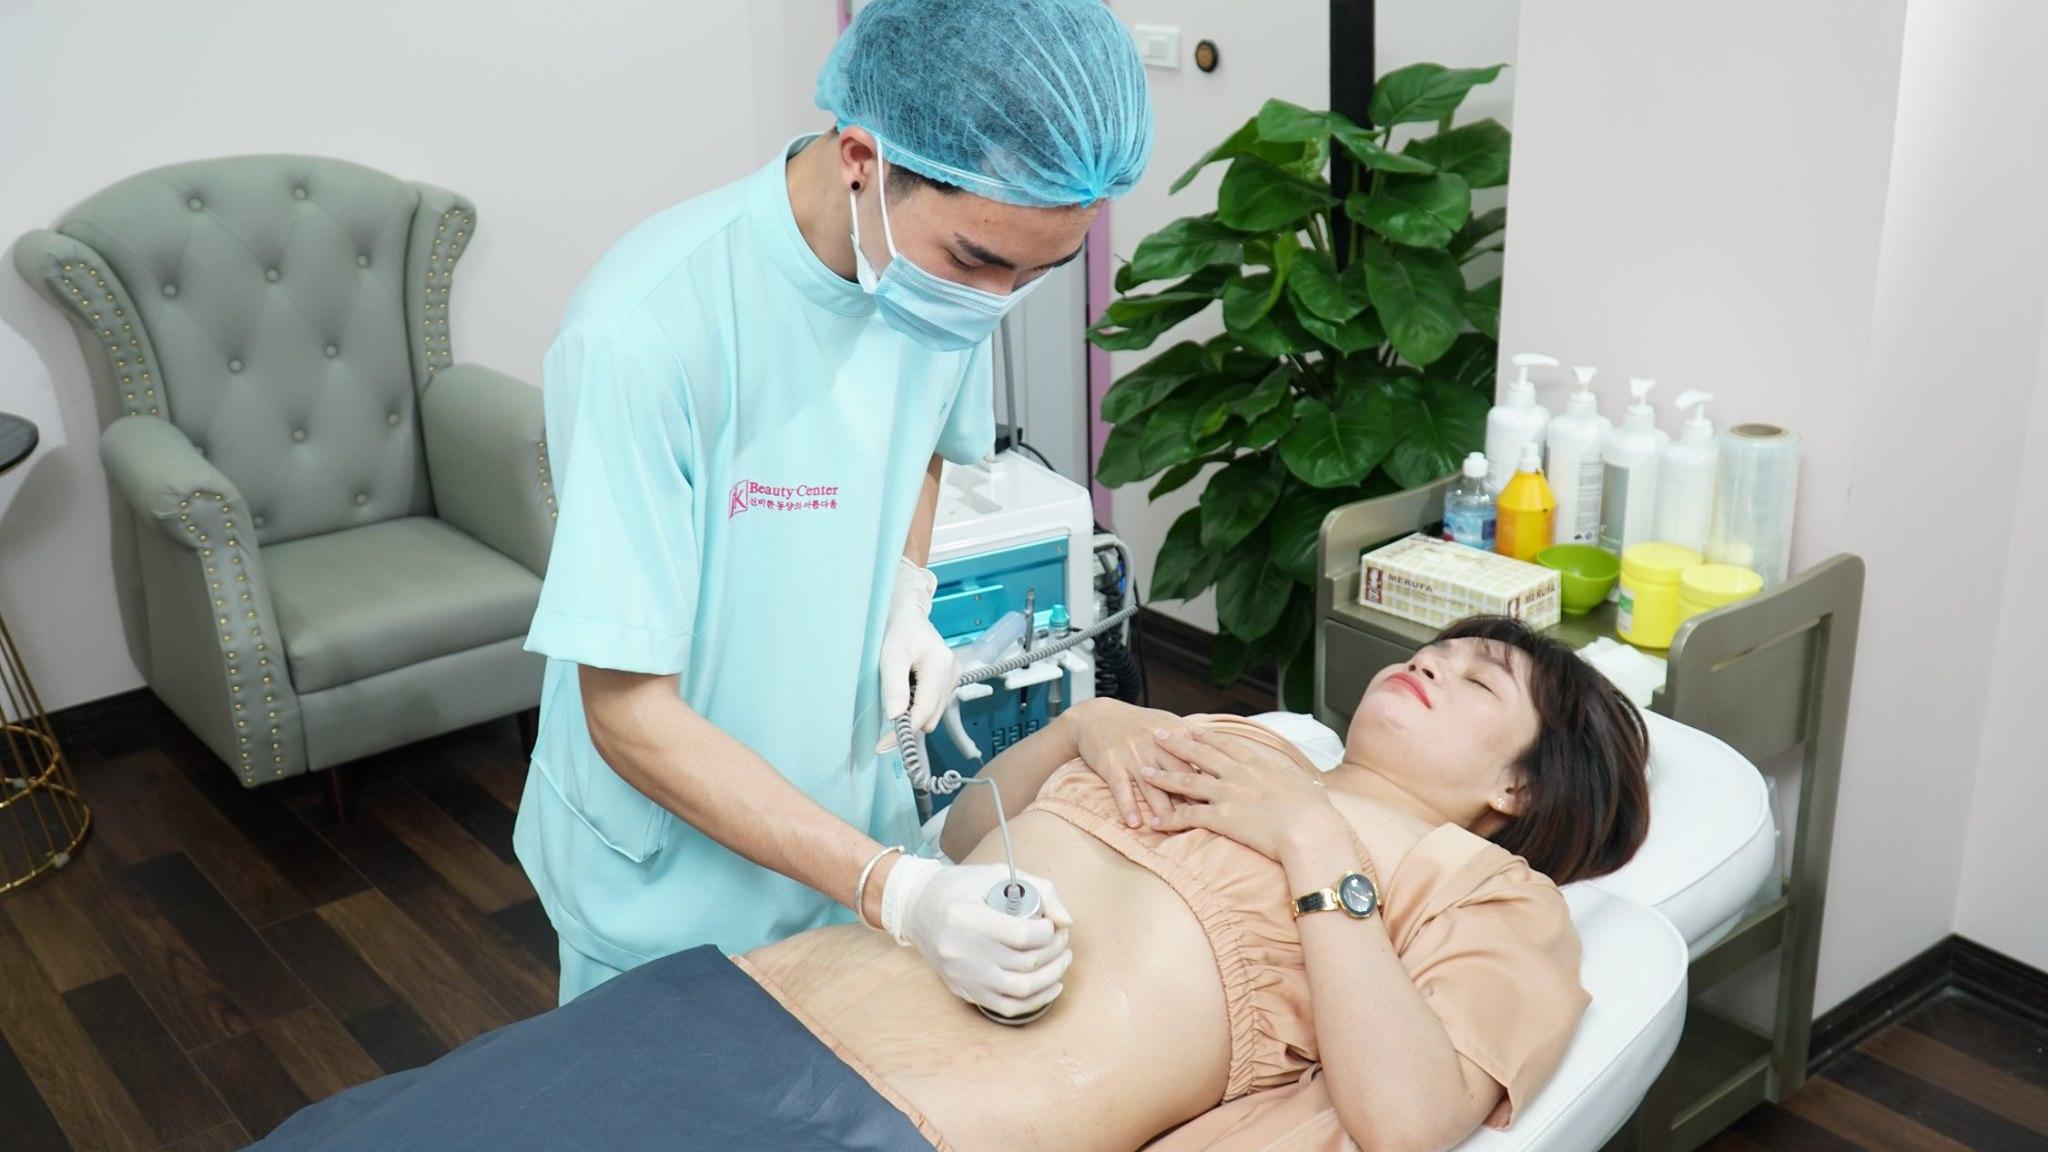 Quy trình khám chữa đảm bảo an toàn với thiết bị hiện đại, bác sĩ tay nghề cao